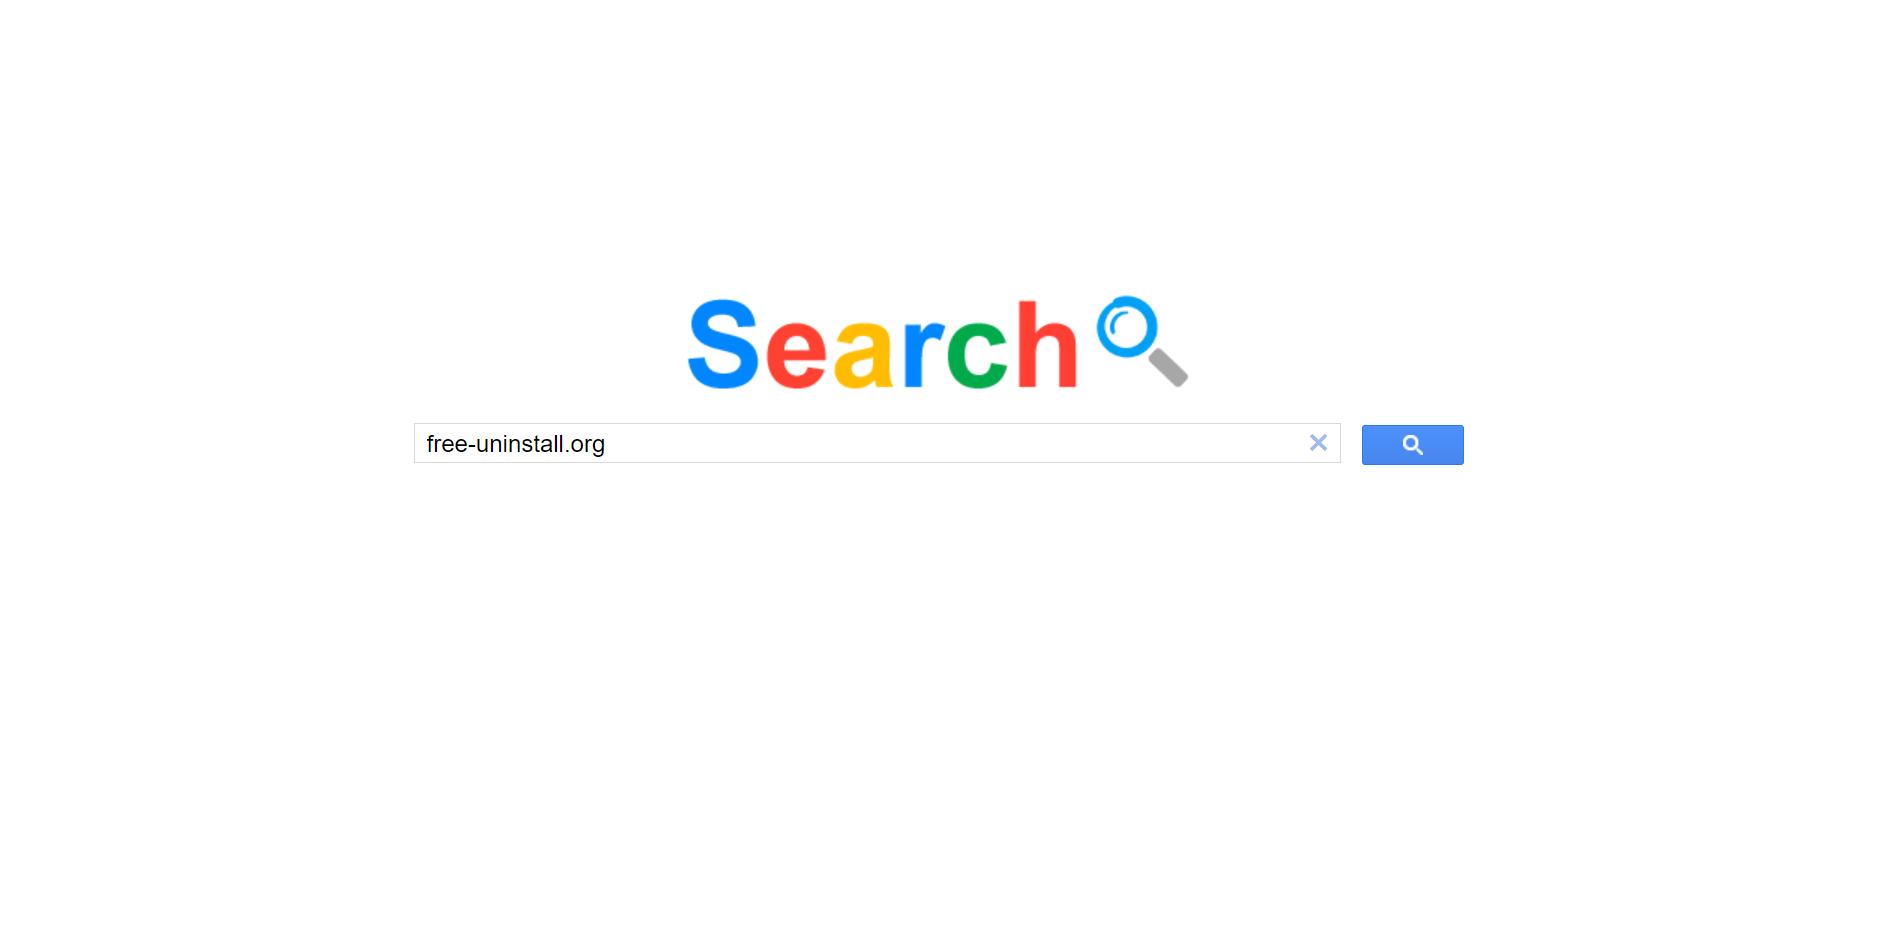 Searchiksa.com Hijacker